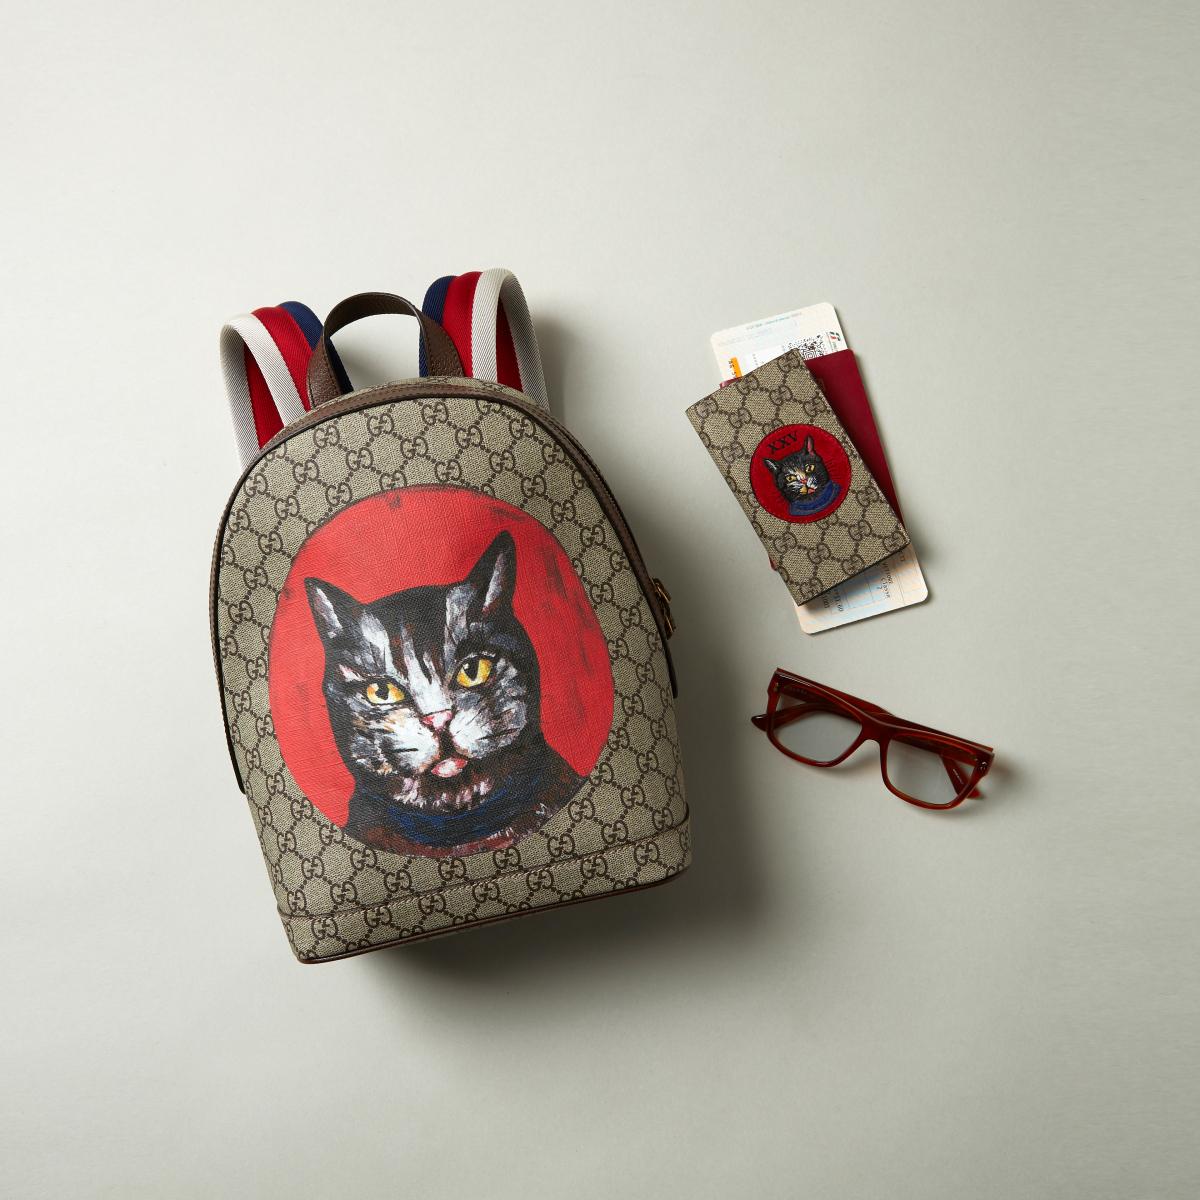 (左から)ラゲッジ「ZAINO T. GG S.S. MYST CAT/DOL.P/」 ¥142,000(H30×W22×D14cm)、携帯ケース「OBLO'CAT」(H14×W8×D1cm)¥39,000、ハバナ アズール レンズ ¥43,000(すべて税抜き)